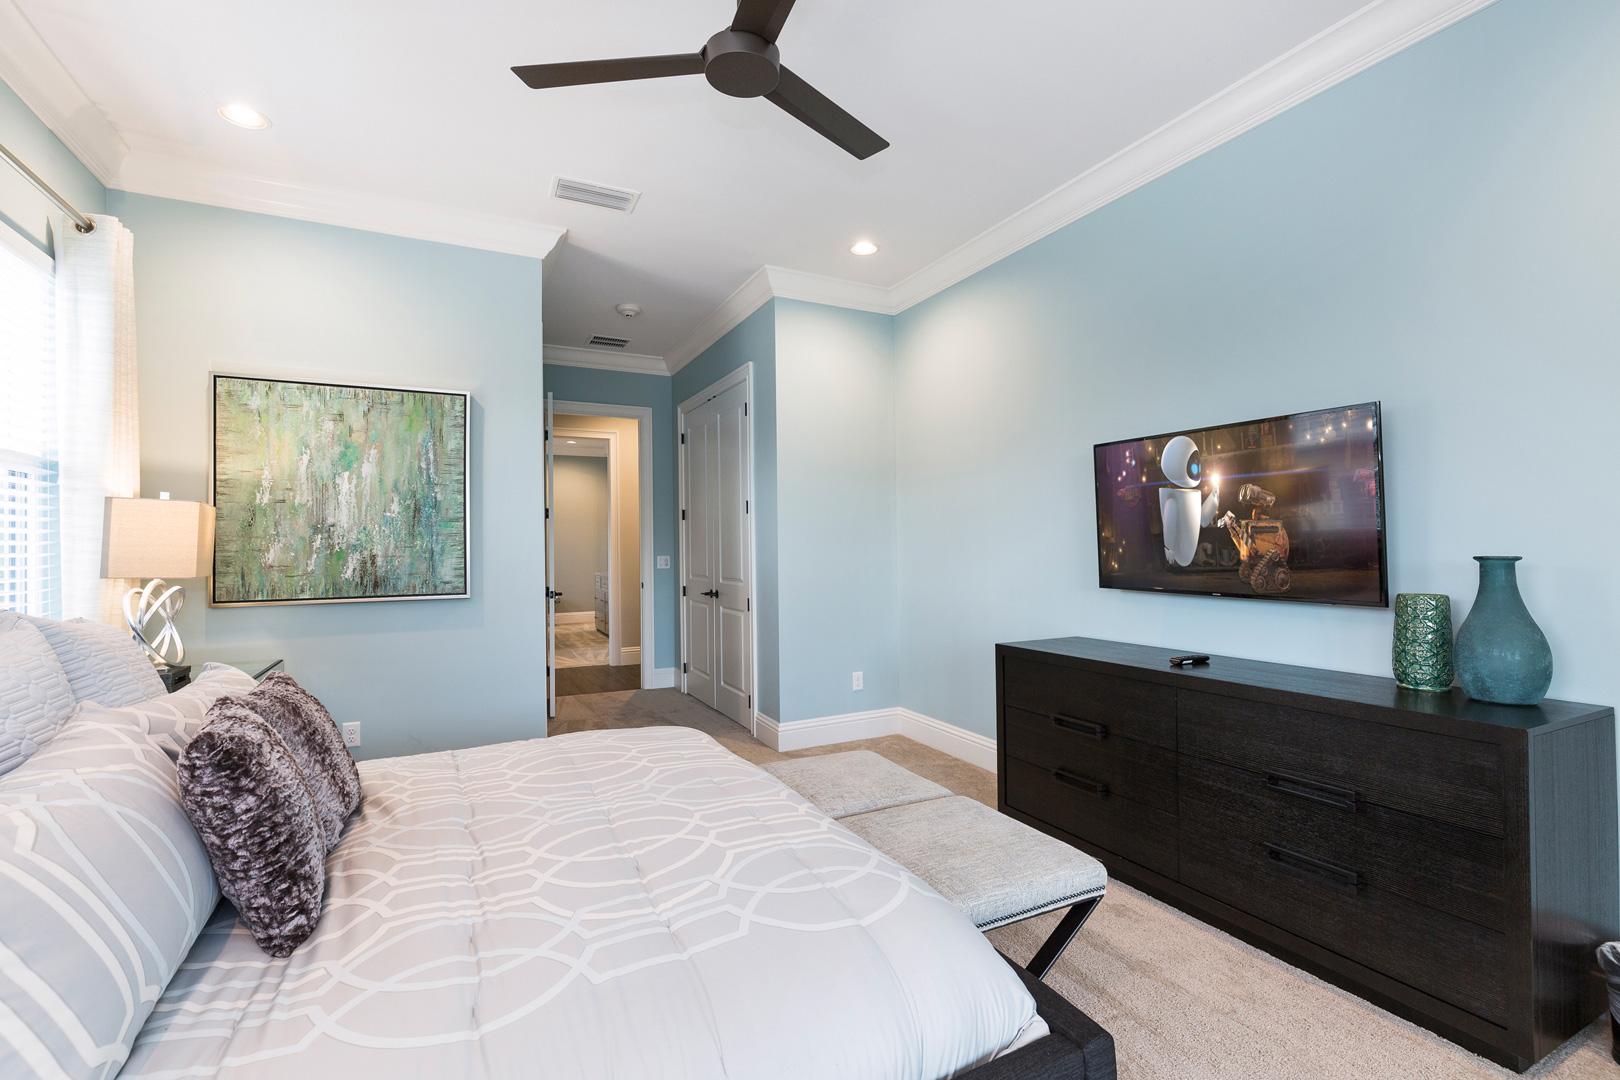 Bedrooms61